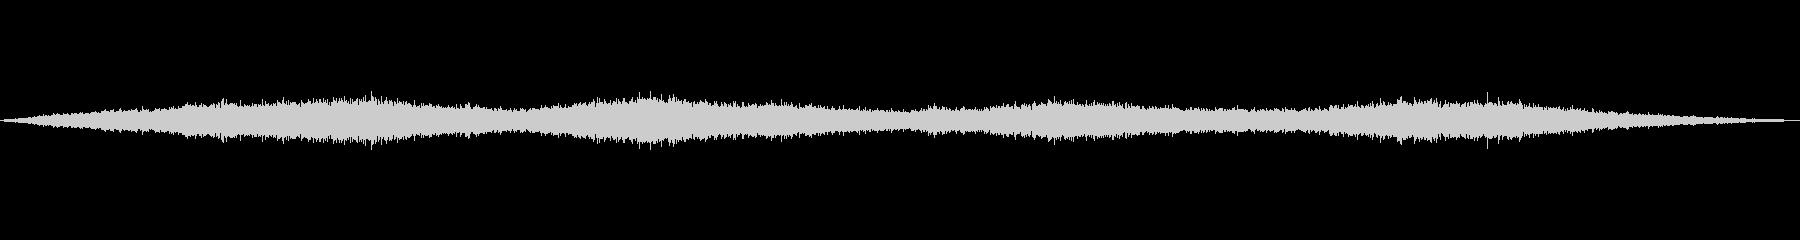 風の効果音(自然、そよ風、ビル風等)11の未再生の波形